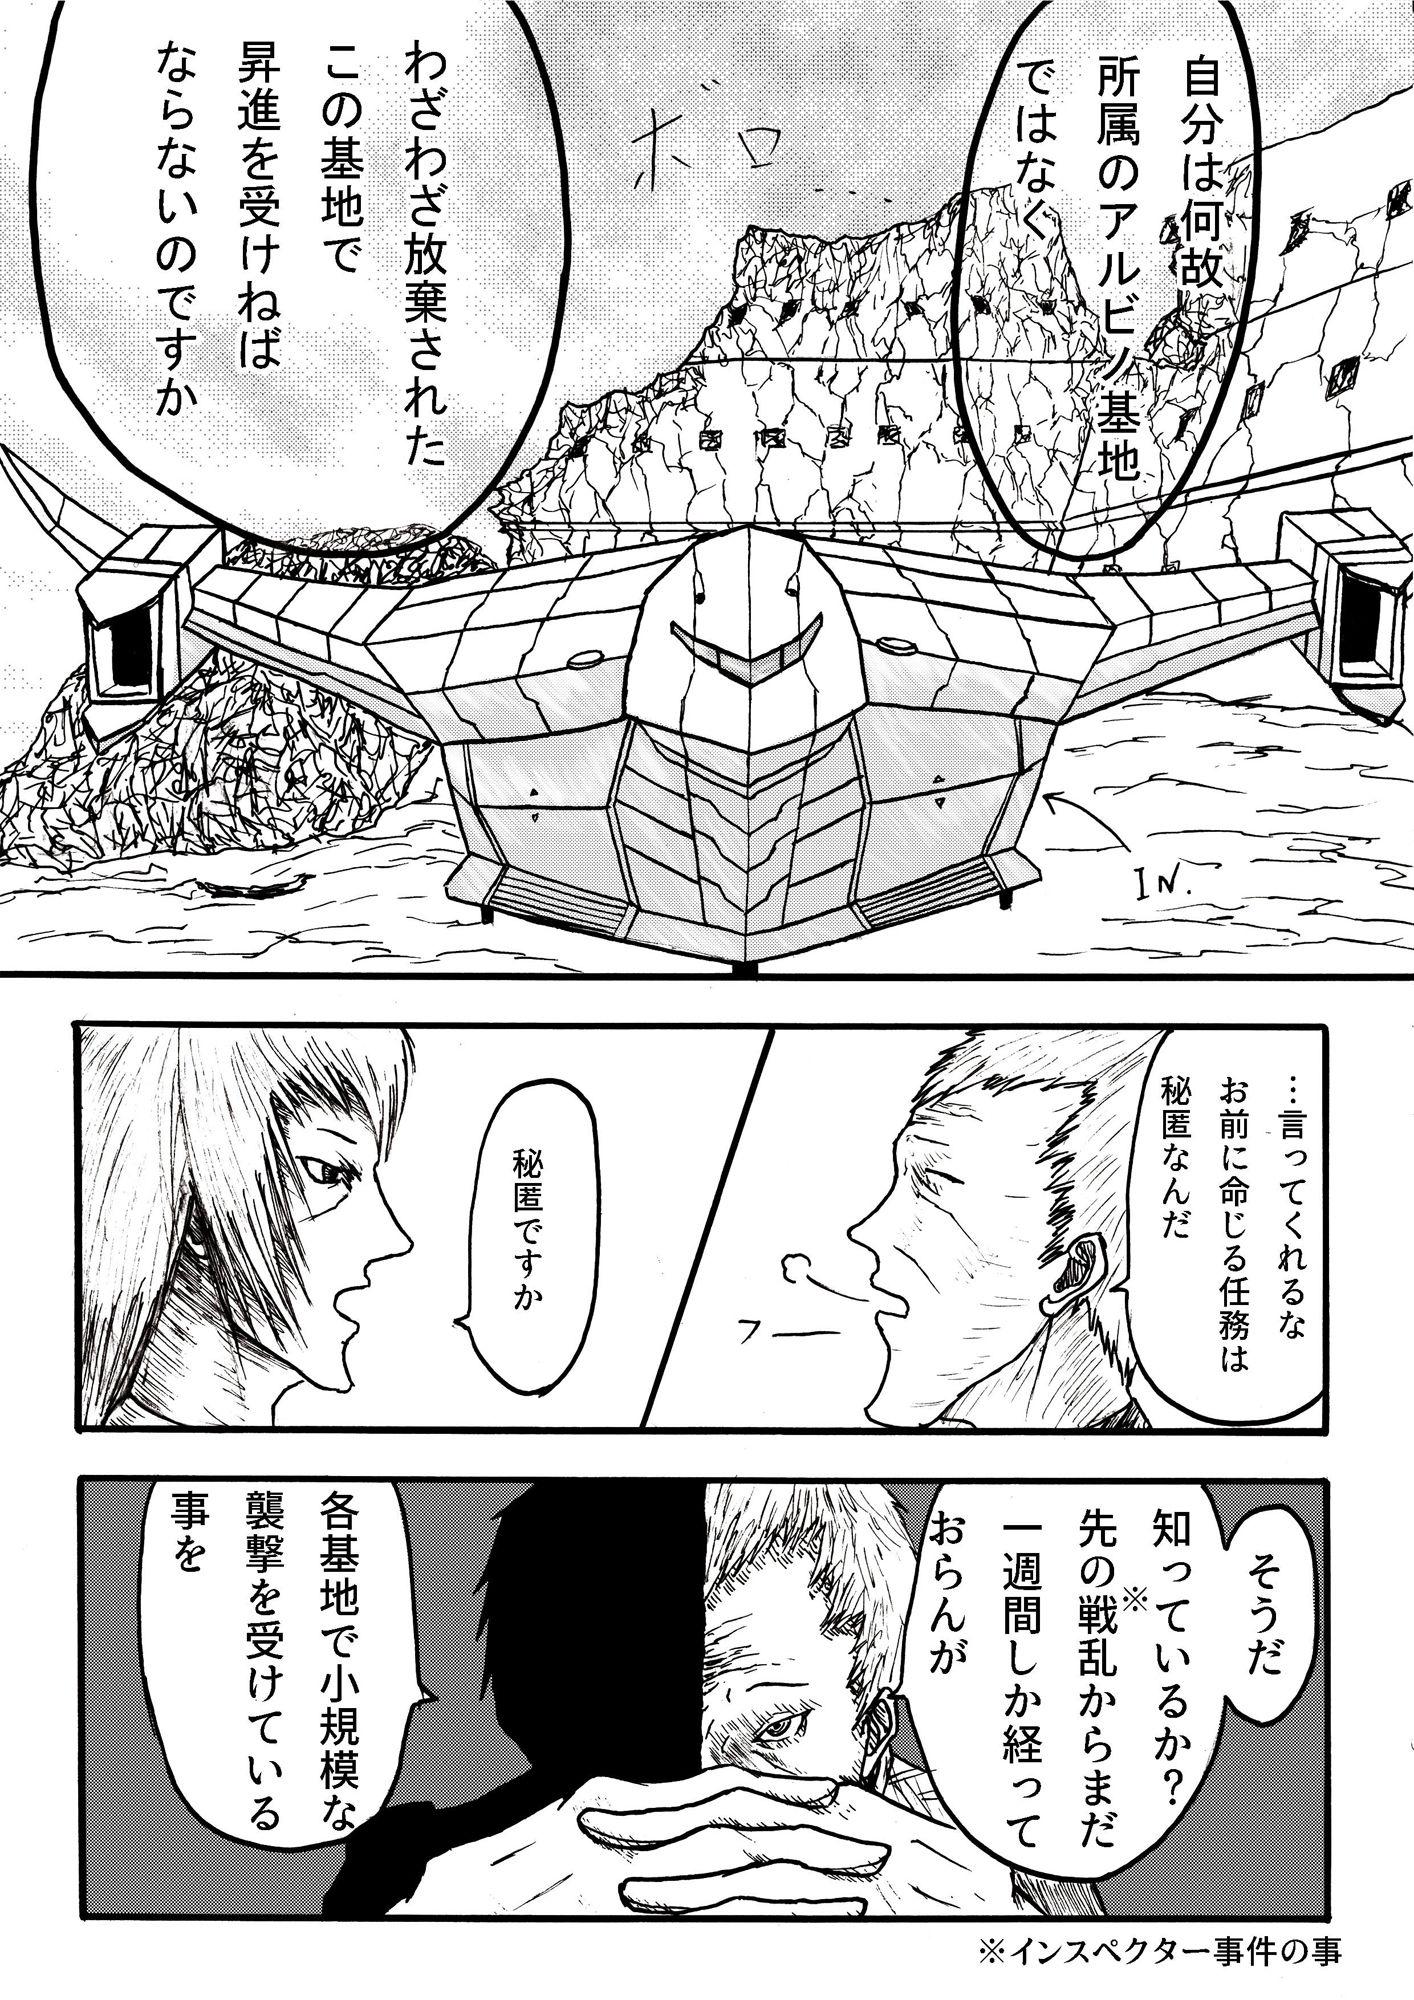 サンプル画像2:スーパーロボット大戦OG偽伝烈風!!機兵戦線 第1巻(HereticZone) [d_193866]